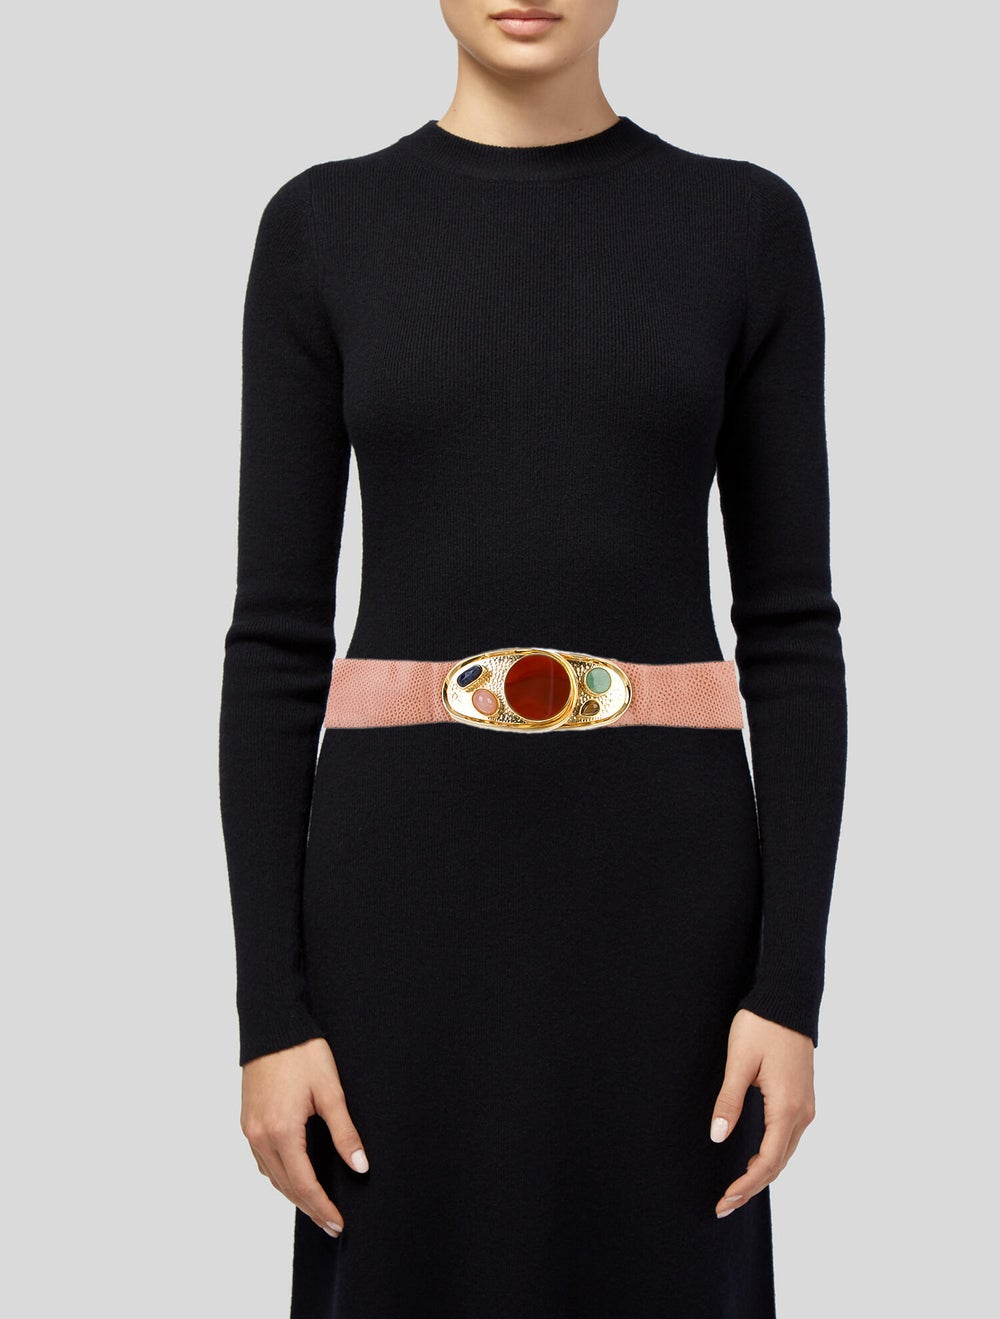 Judith Leiber Embellished Waist Belt Pink - image 2